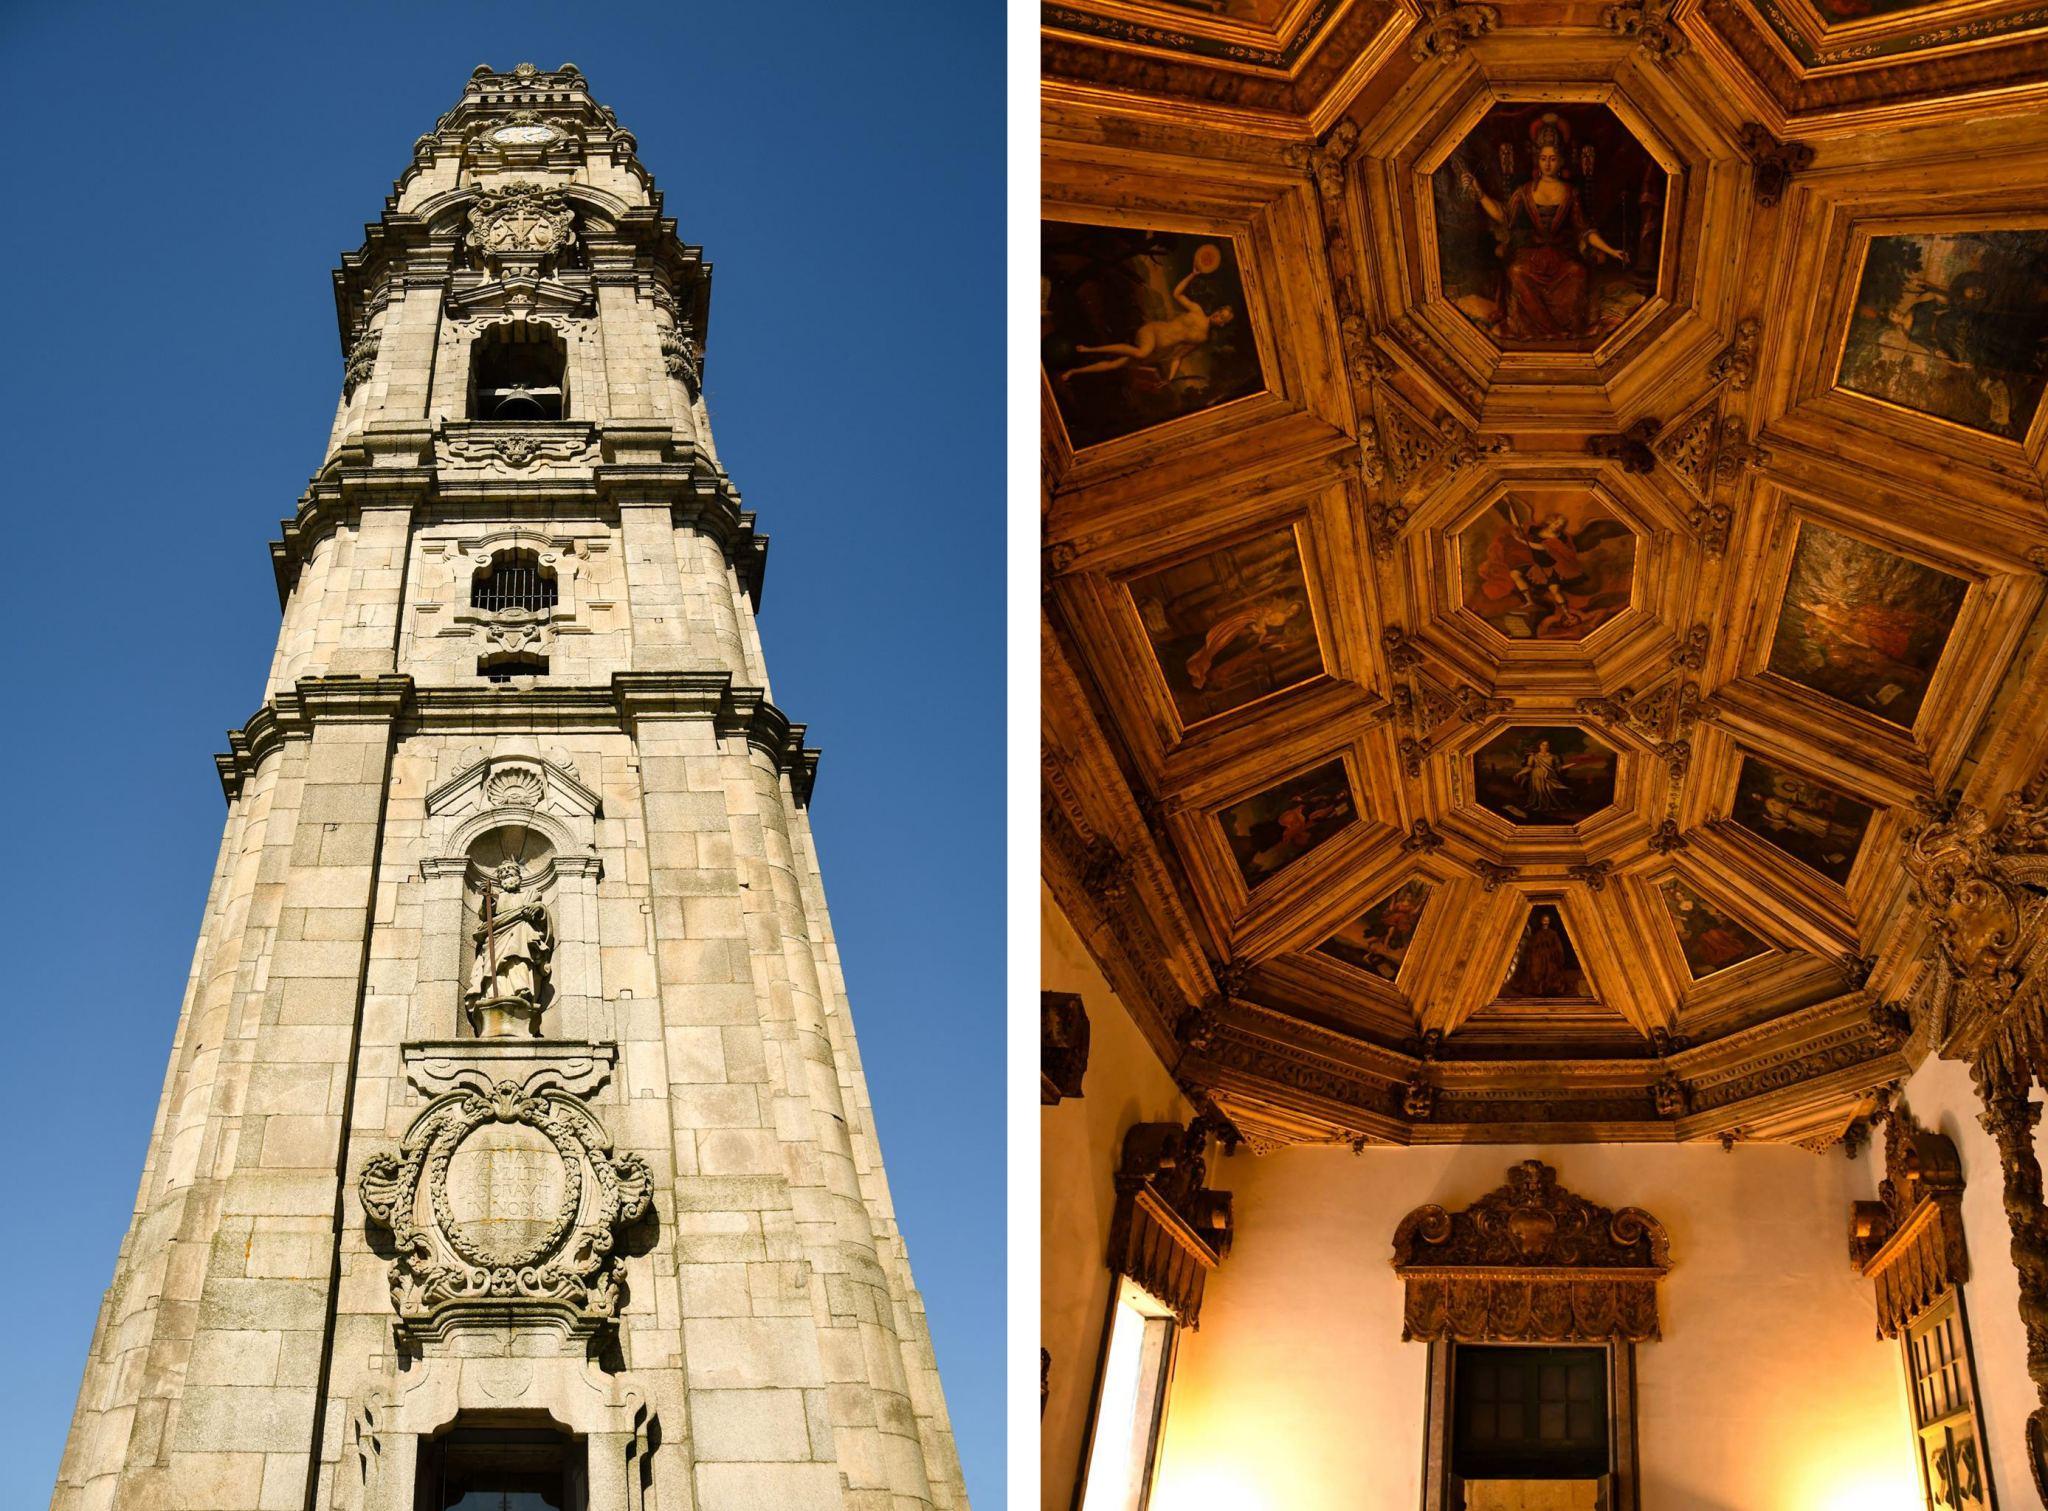 Clérigos Tower Porto